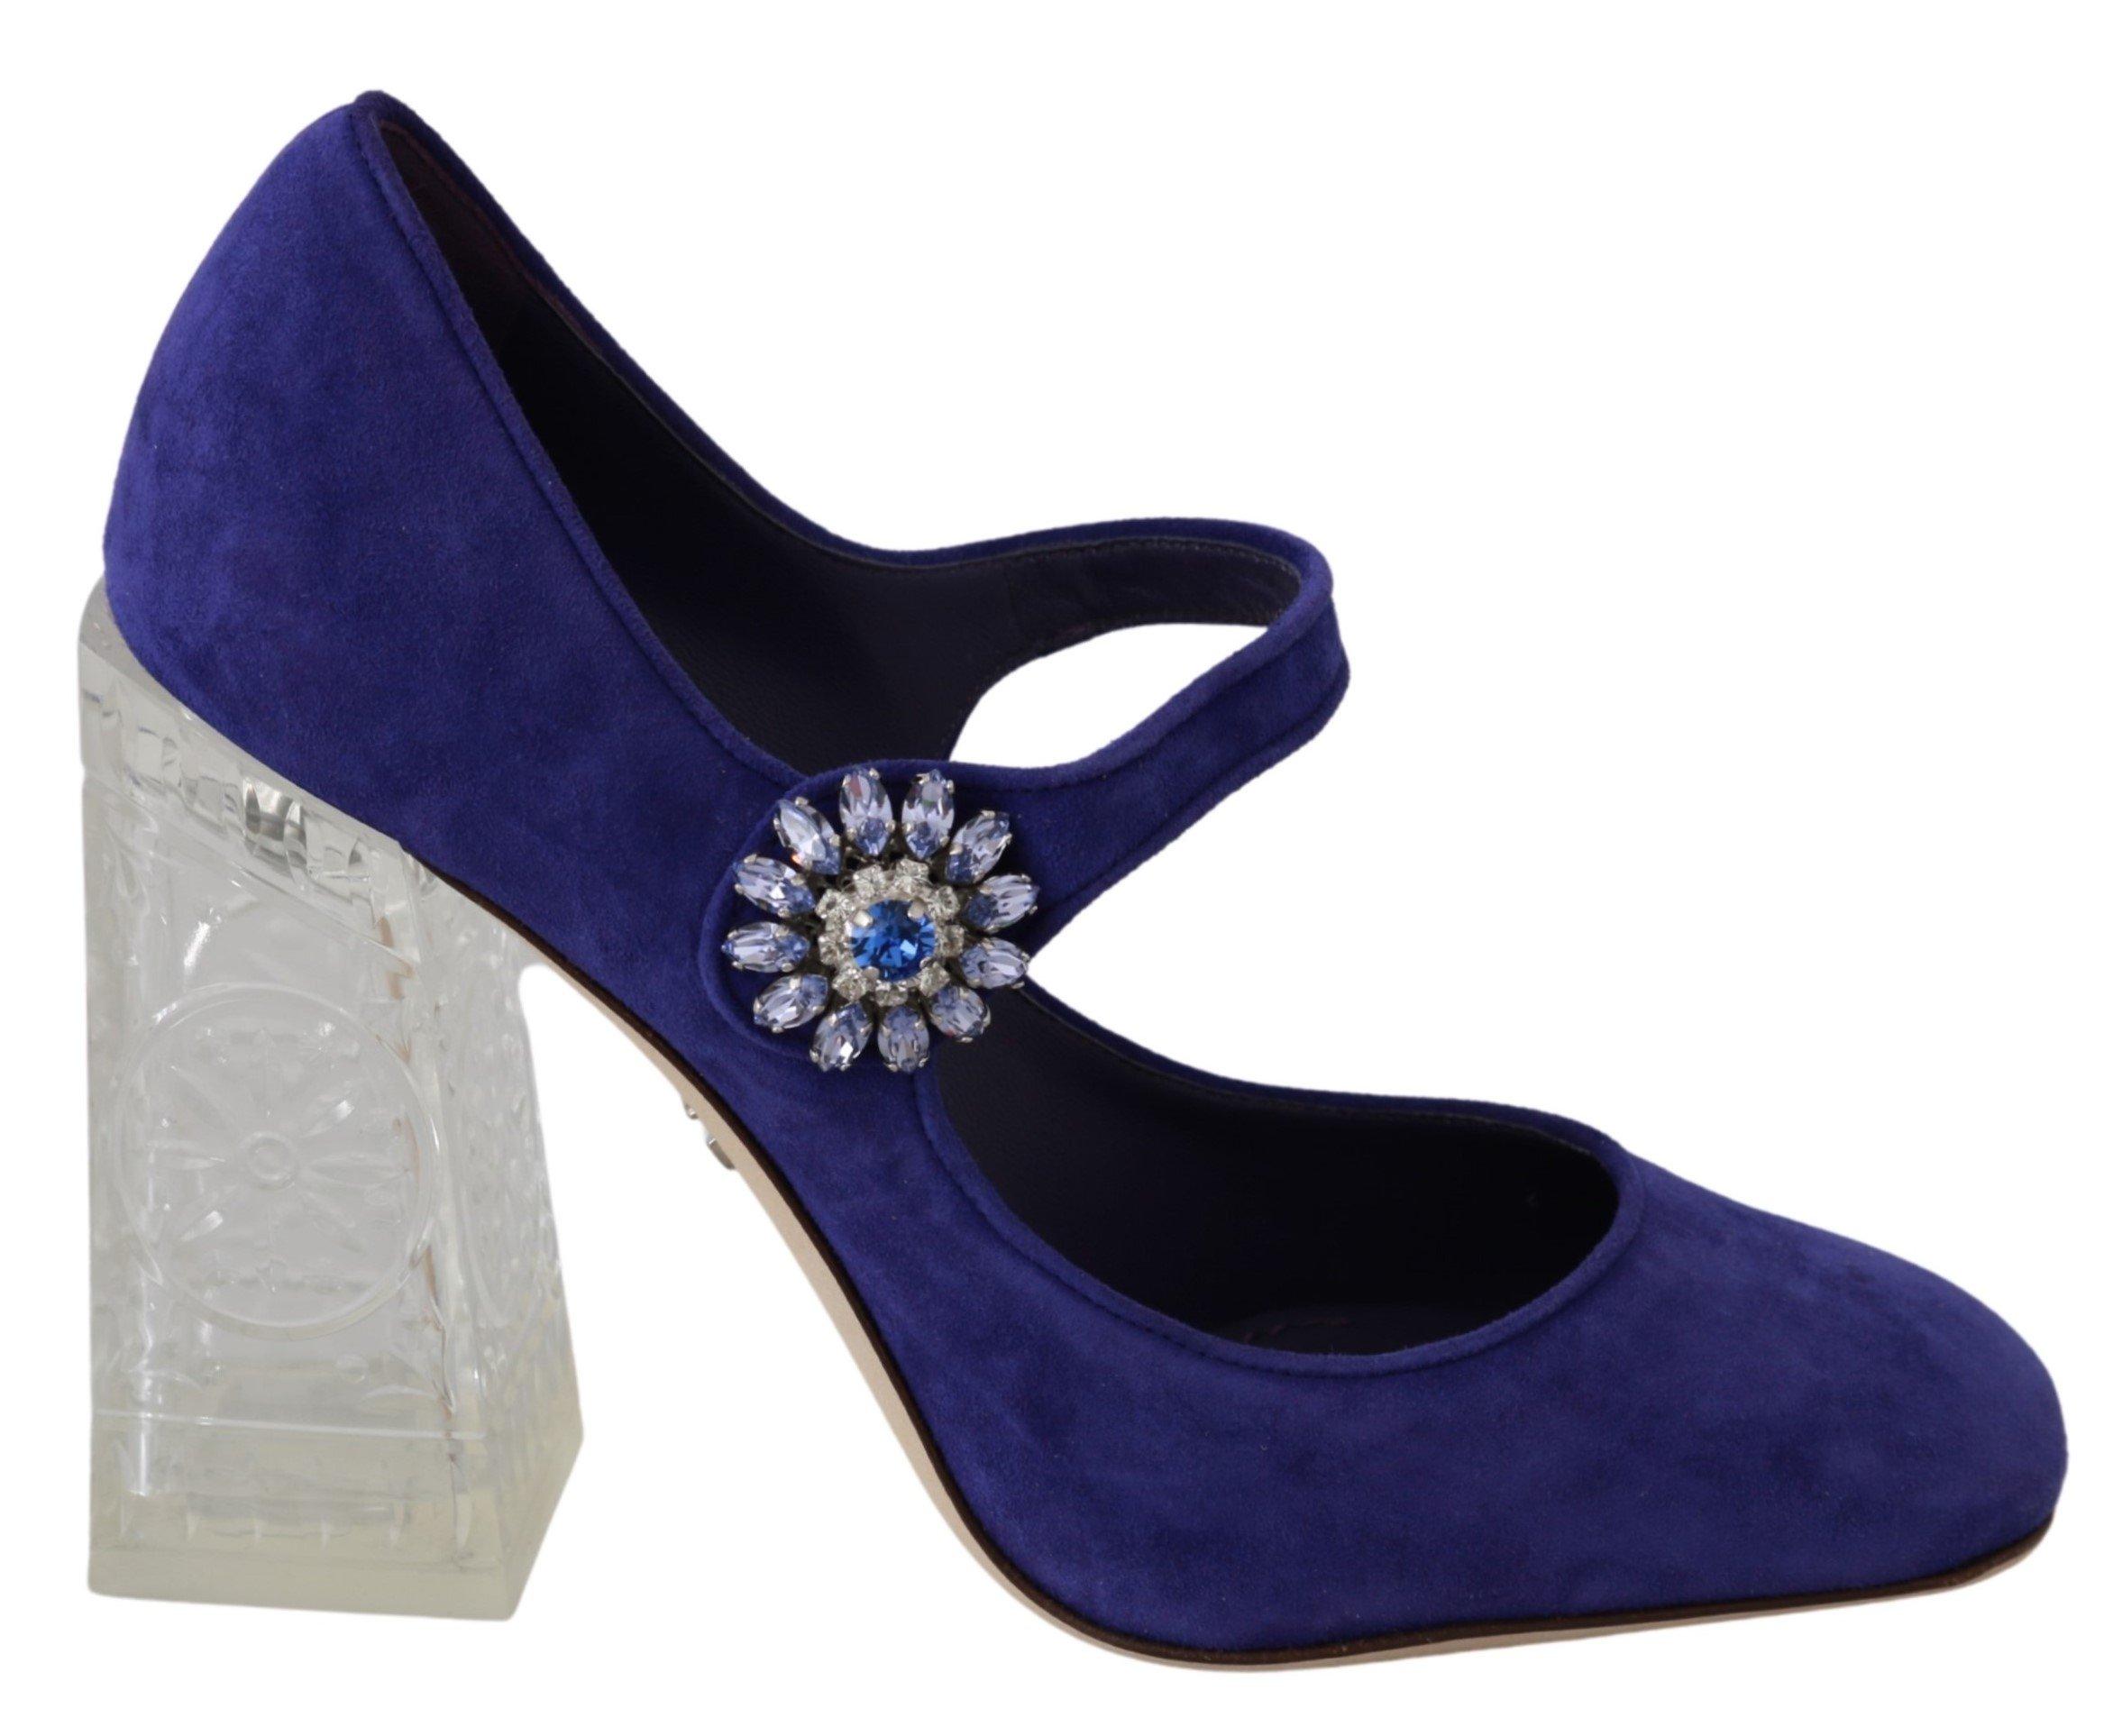 Dolce & Gabbana Women's Suede Crystal Pumps Heels Purple LA6472 - EU36/US5.5